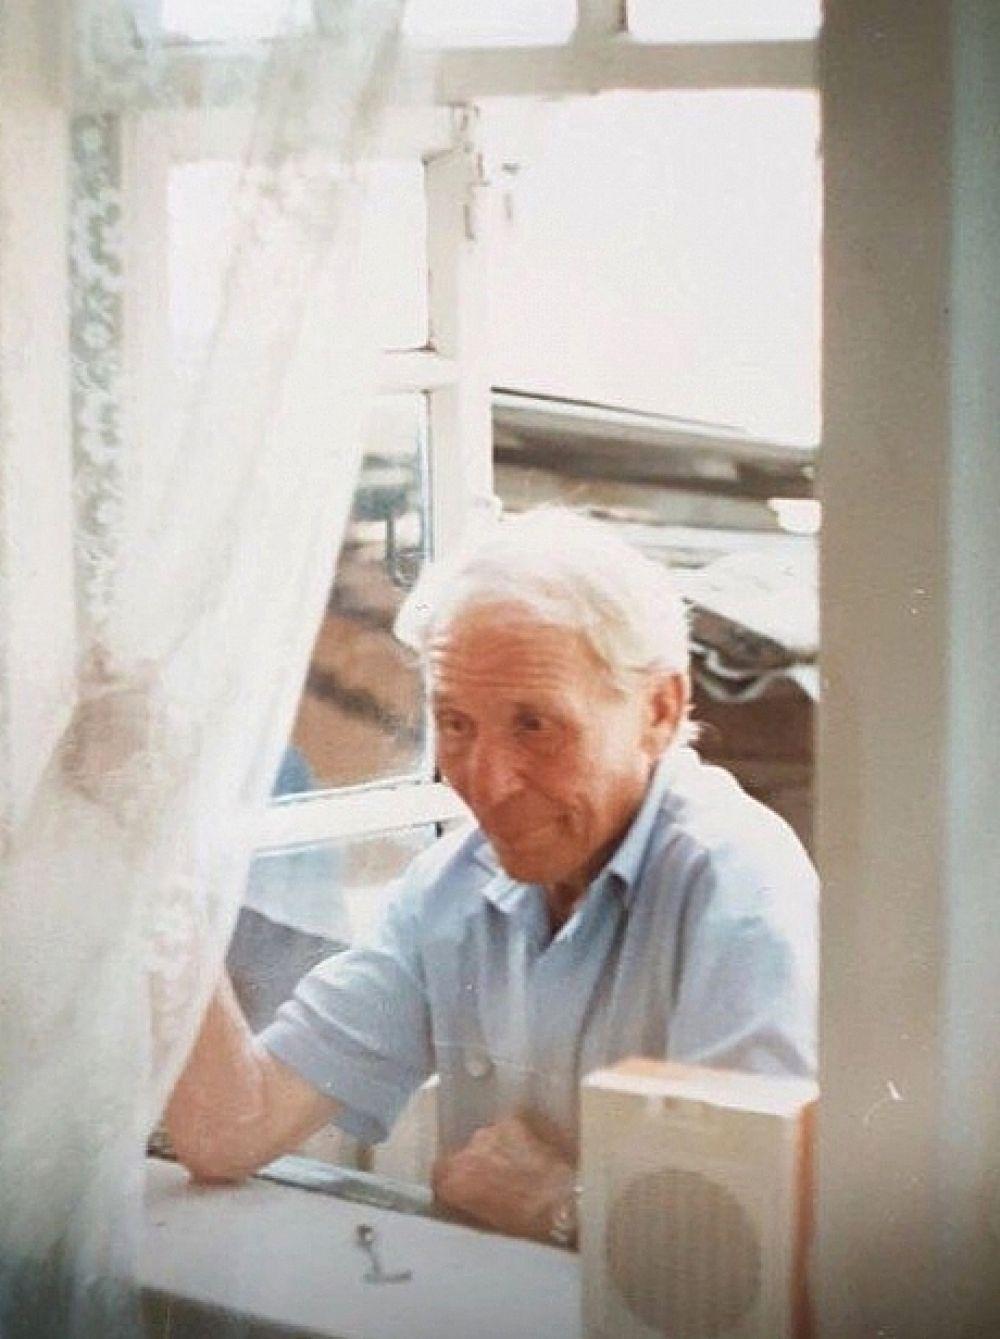 Анна Зубкова, главный бухгалтер «АиФ-Юг»: Виктор Владимирович Малакеев (1919-2002 гг). Прошел всю войну, участник взятия Берлина. Спасибо деду за Победу!